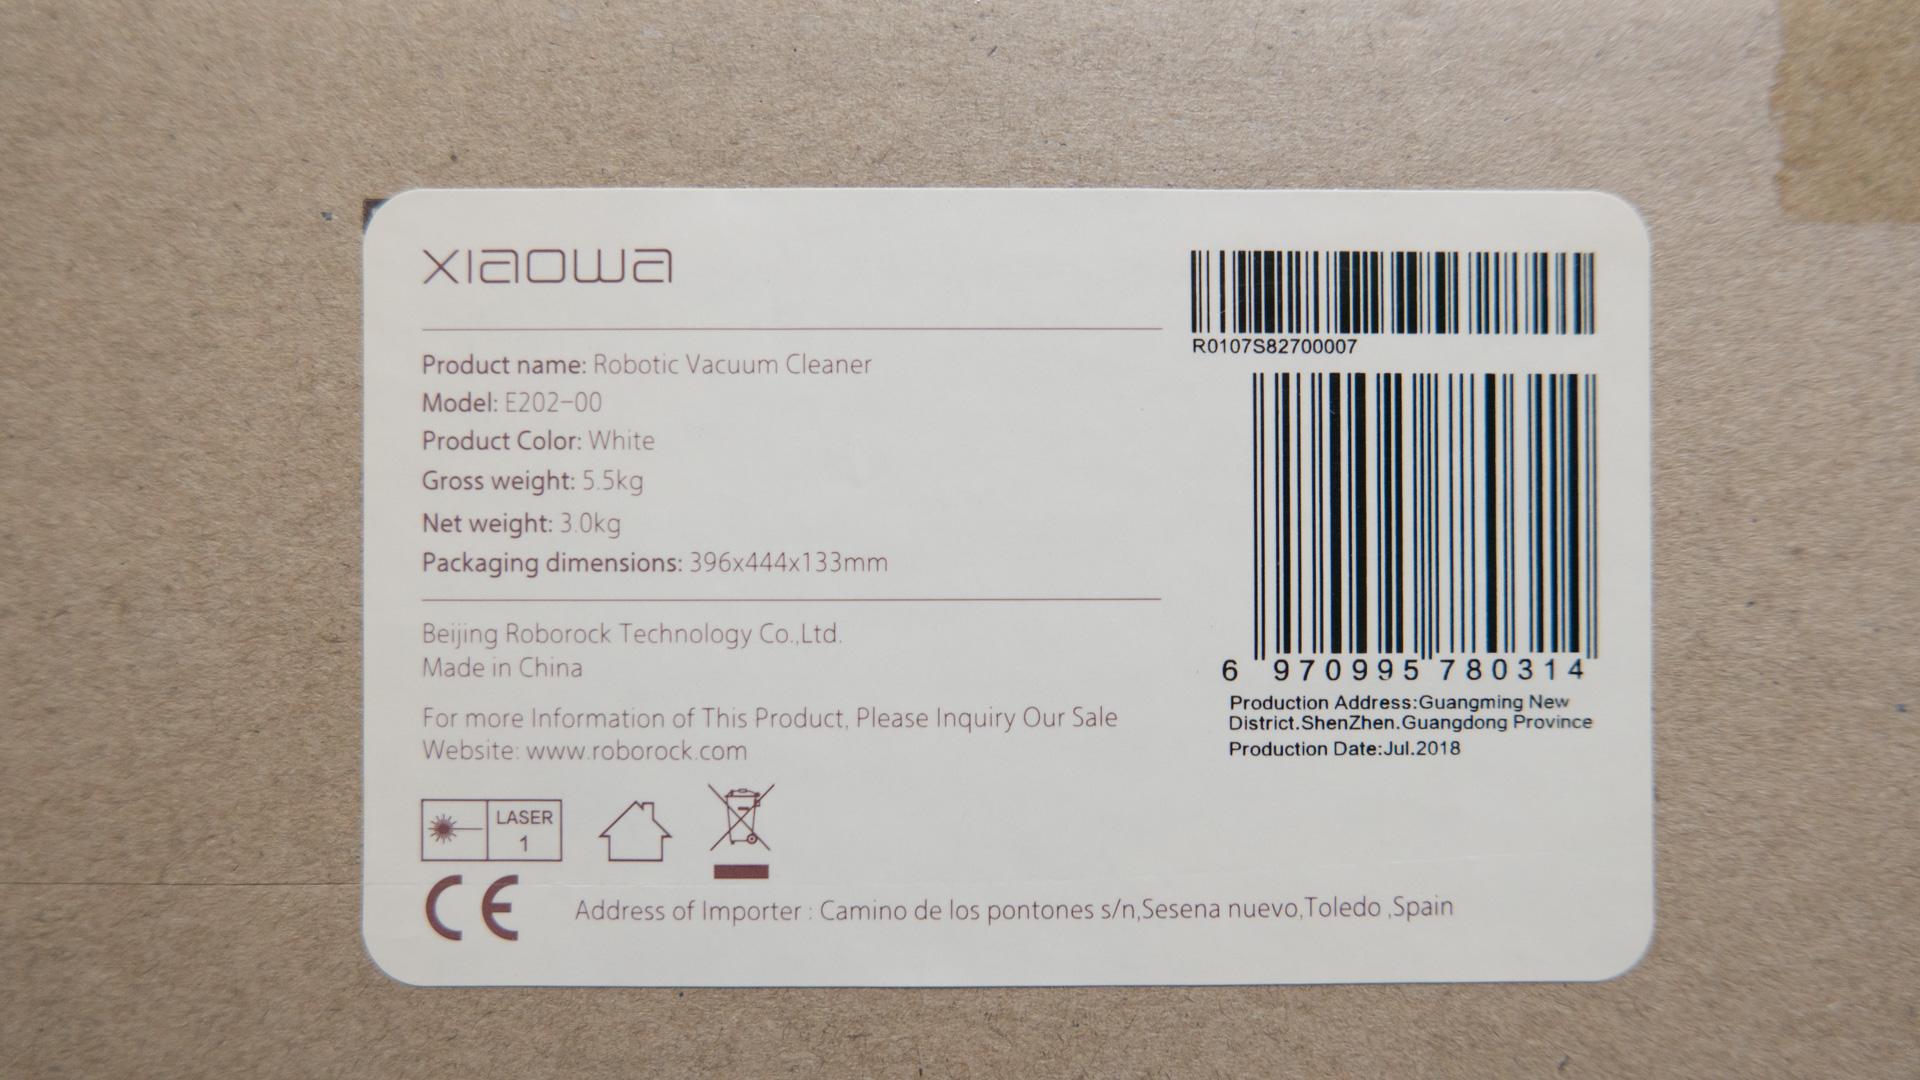 Xiaomi roborock Xiaowa Unboxing 05